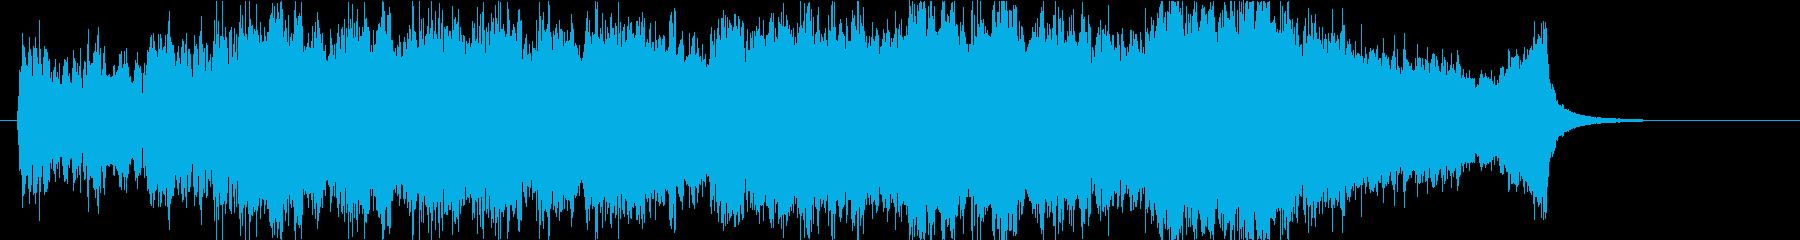 壮大、感動のオーケストラOPハーフbの再生済みの波形